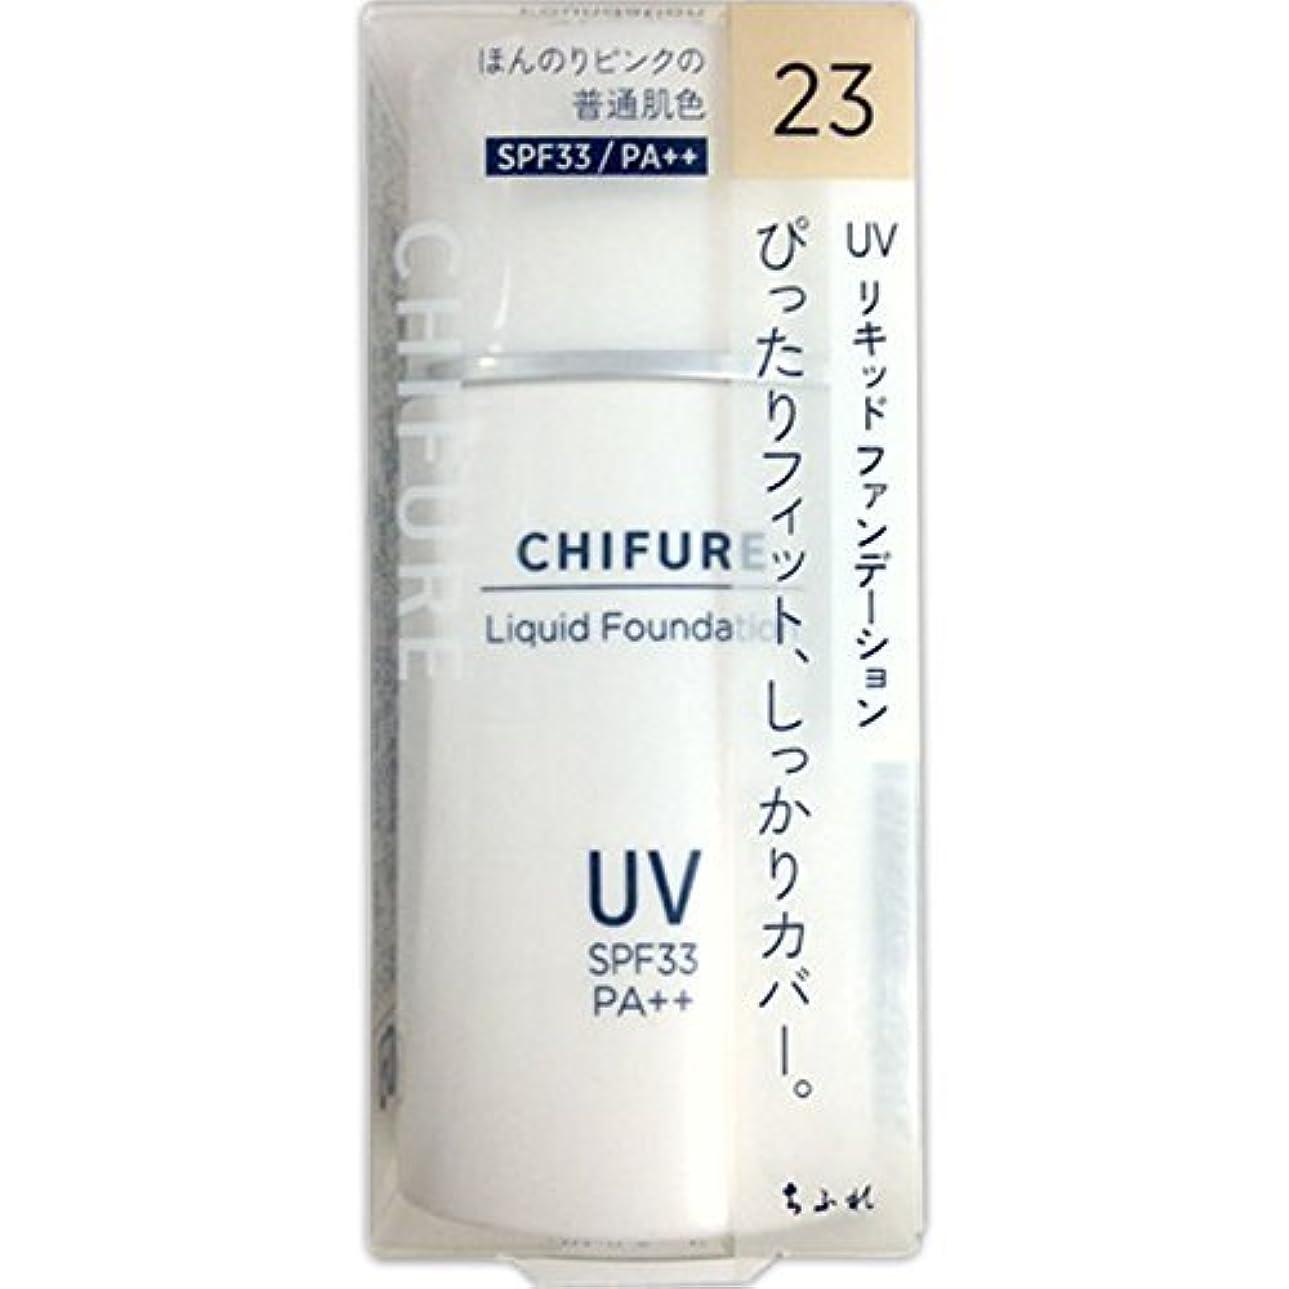 ドローまばたき単独でちふれ化粧品 UV リキッド ファンデーション 23 ほんのりピンク普通肌色 30ML